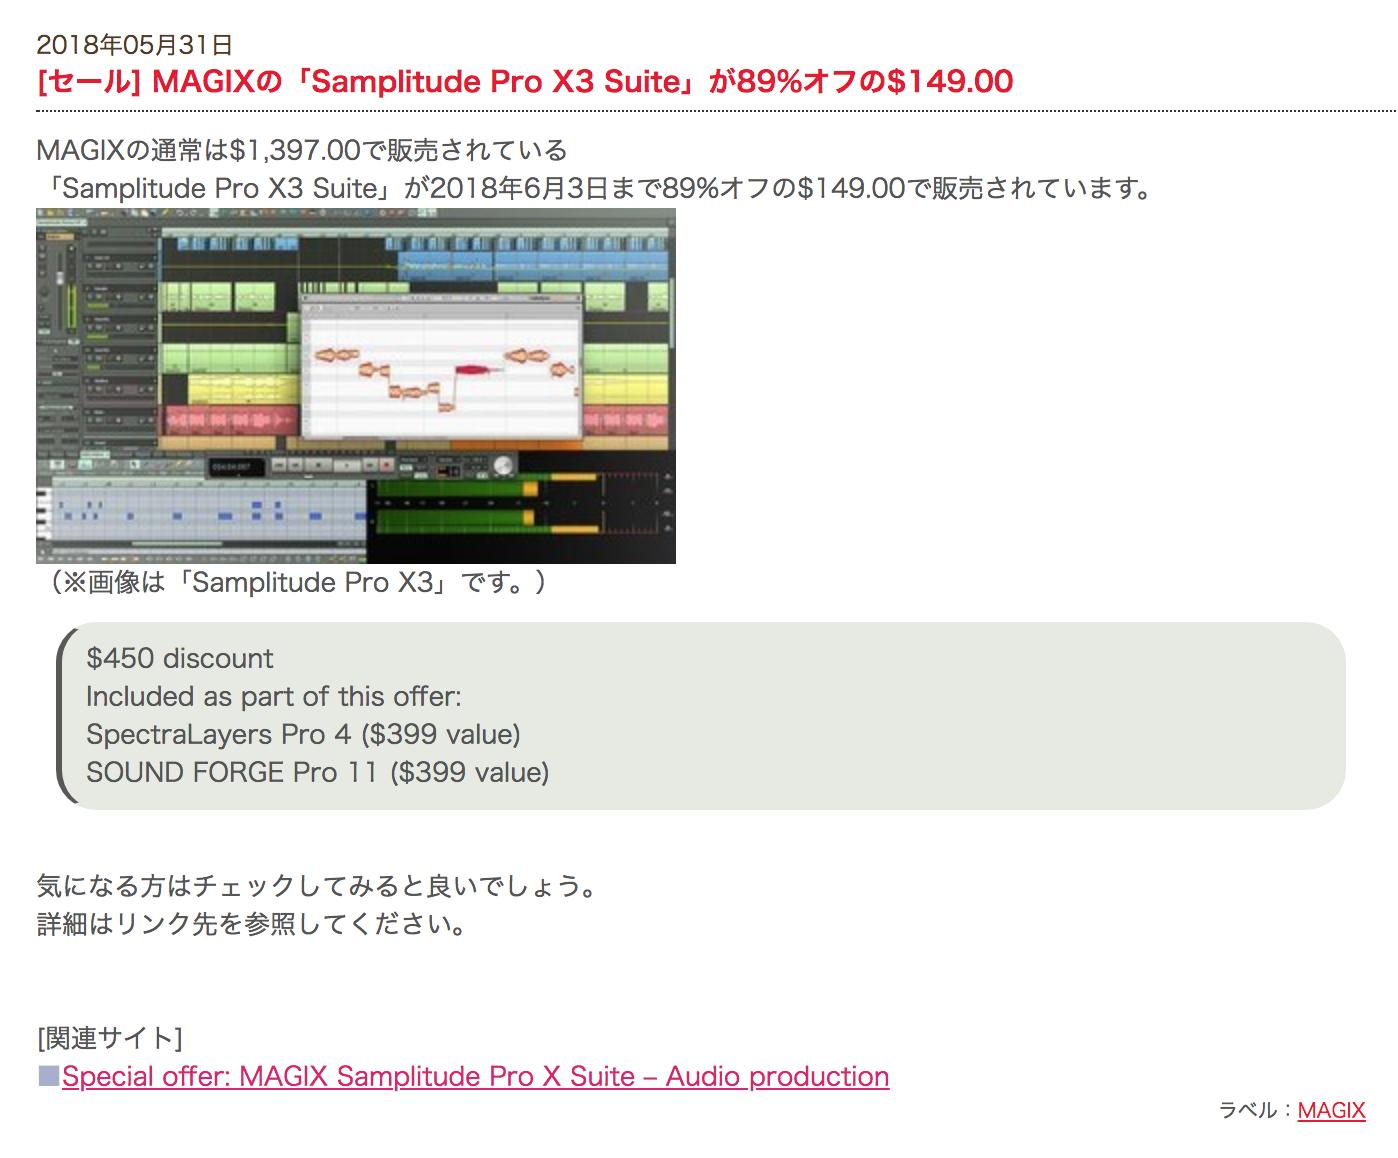 [セール] MAGIXの「Samplitude Pro X3 Suite」が89%オフの$149.00|画像